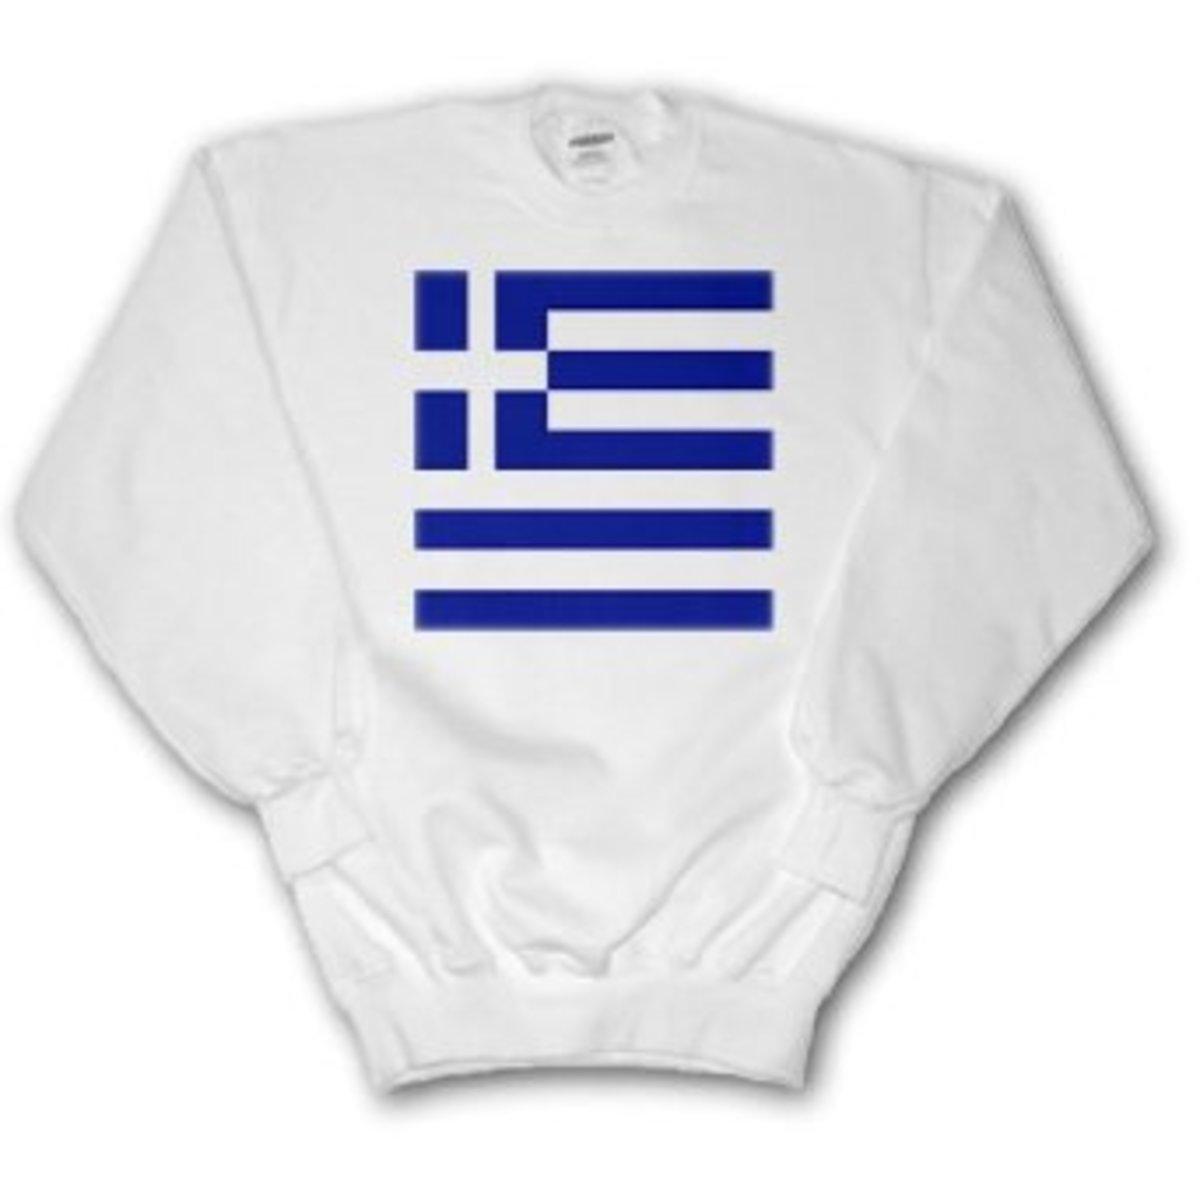 Λάρισα: Αντιεξουσιαστής έγδυσε 12χρονο, επειδή φορούσε μπλούζα με ελληνική σημαία! | Newsit.gr